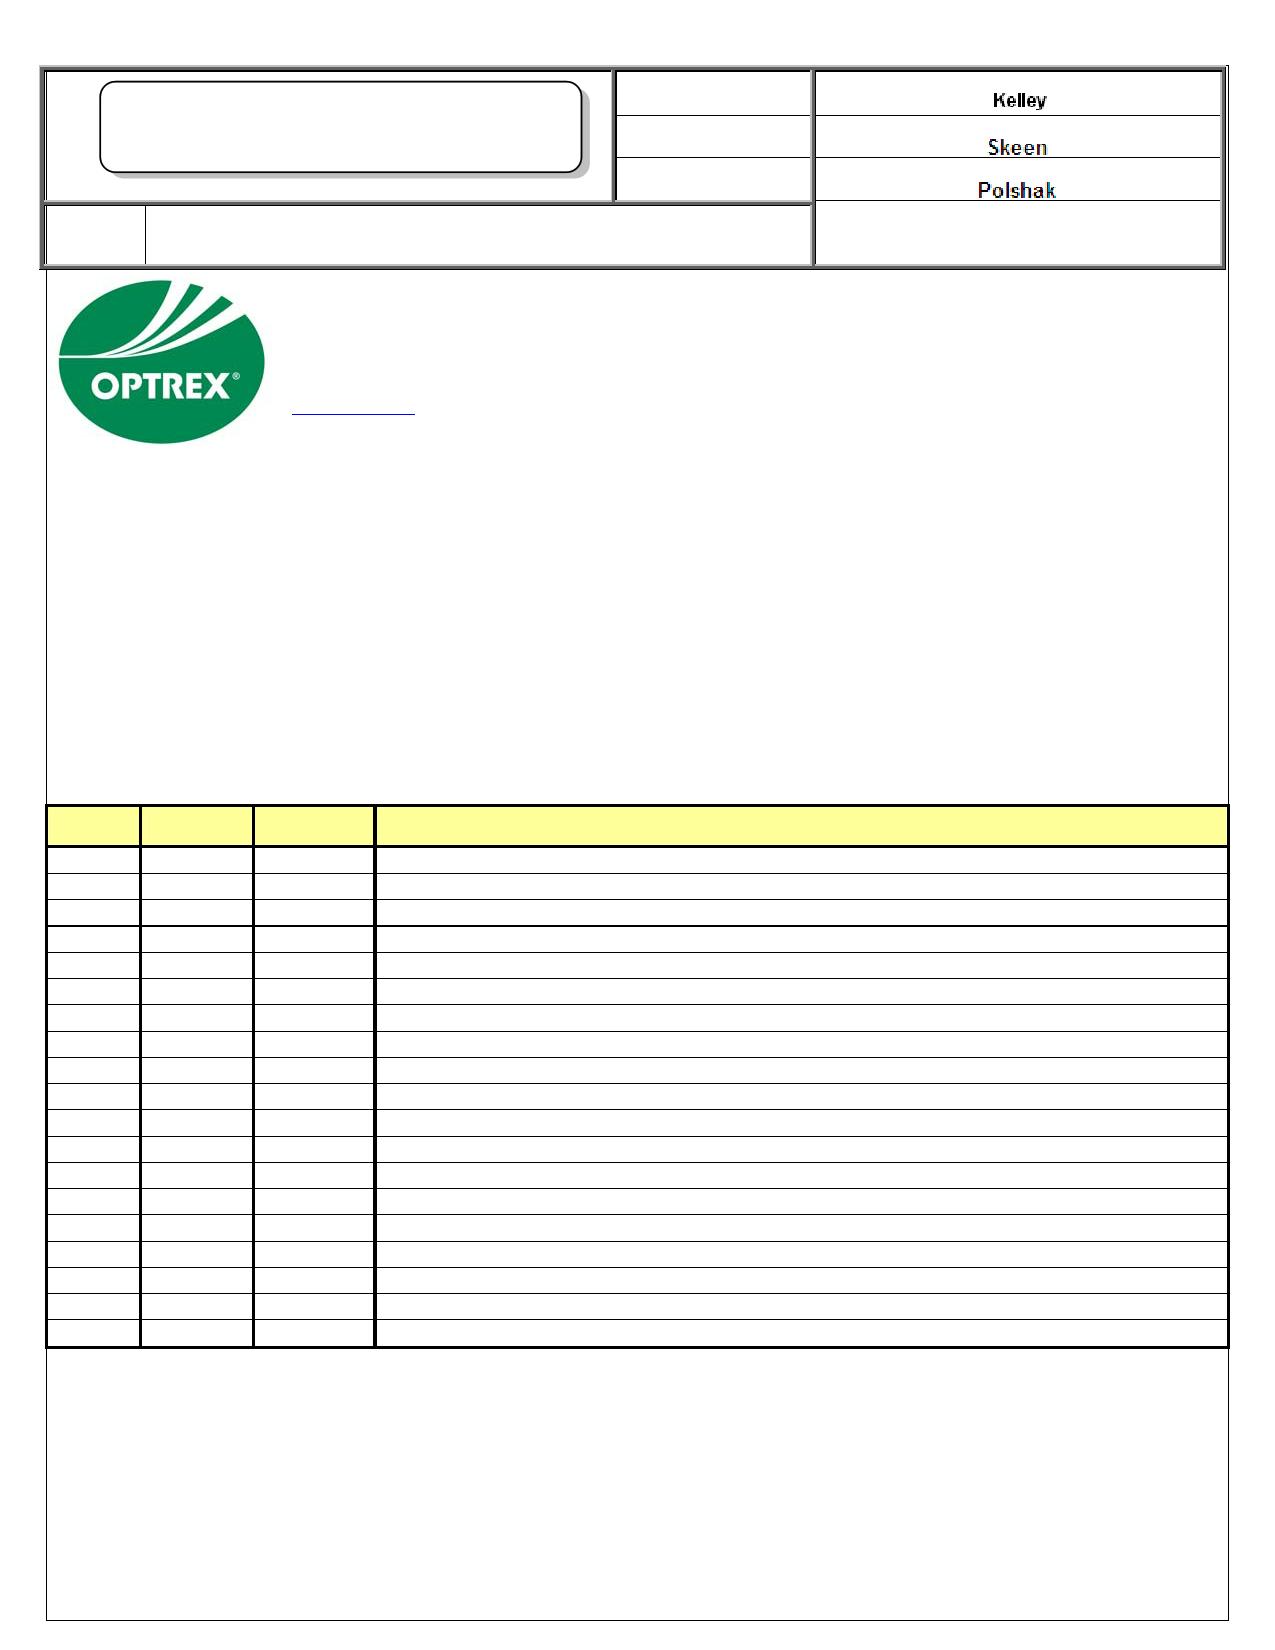 T-55265GD057J-LW datasheet